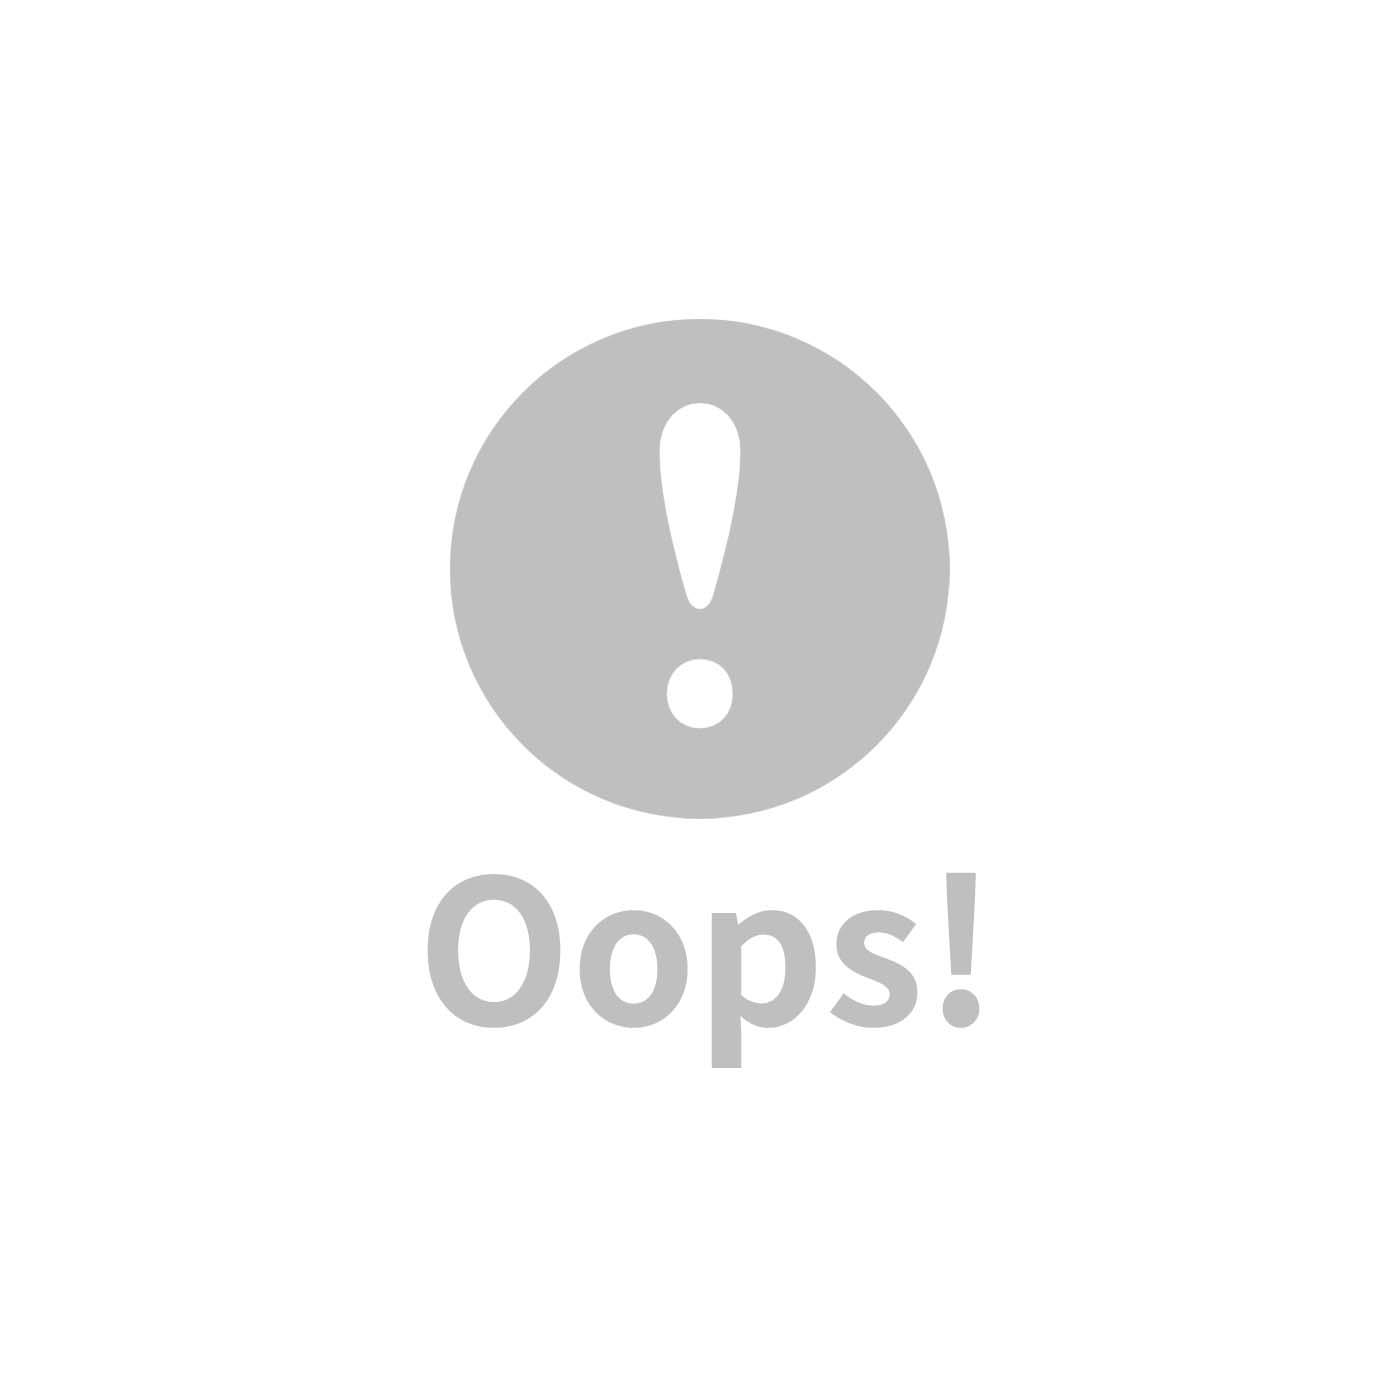 global affairs 童話手工編織安撫玩偶2(36cm)-花媽獅